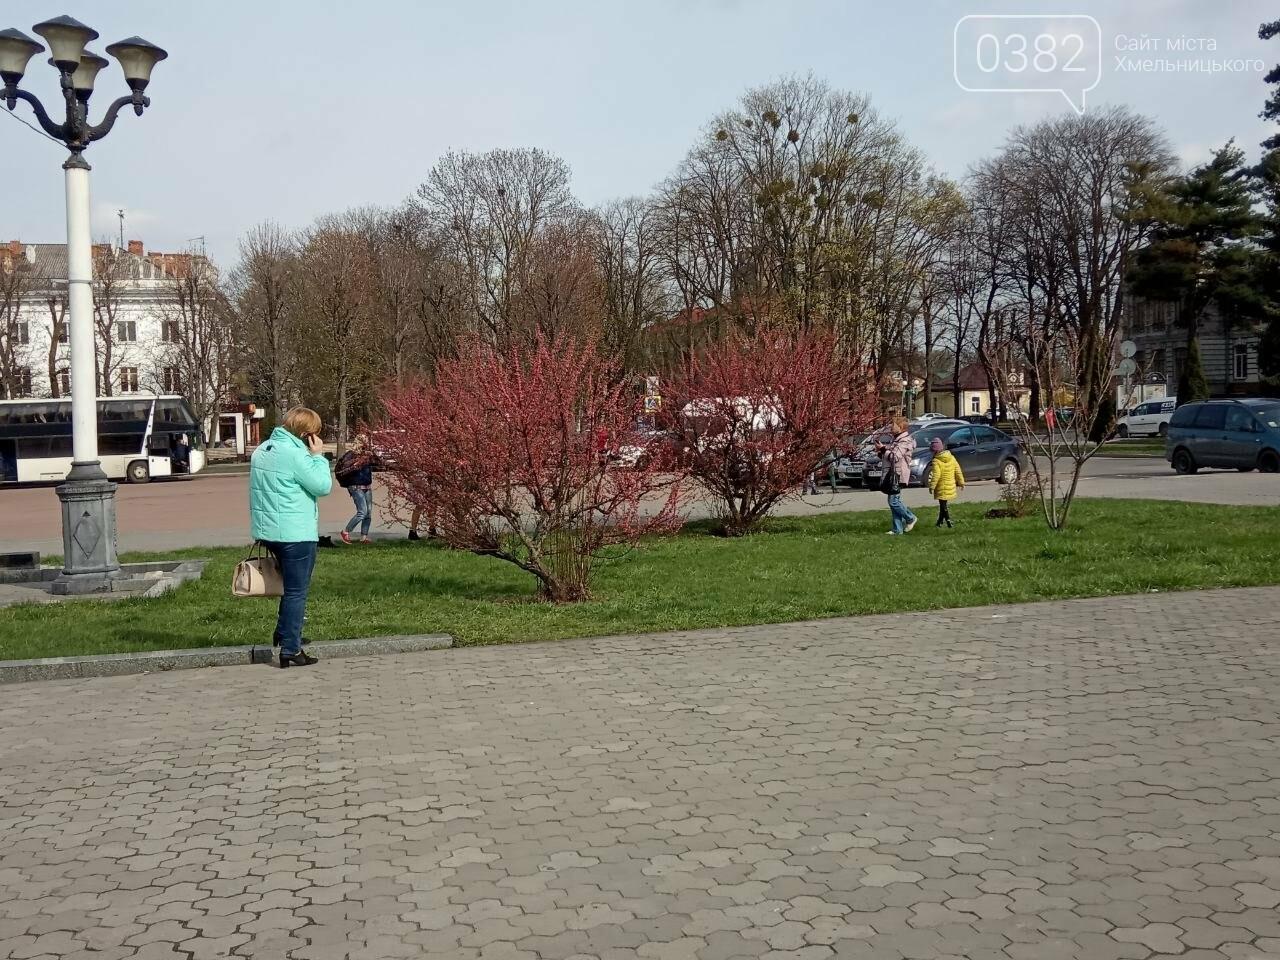 Ти ще не тут? У центрі Хмельницького розцвіли сакури (фото), фото-1